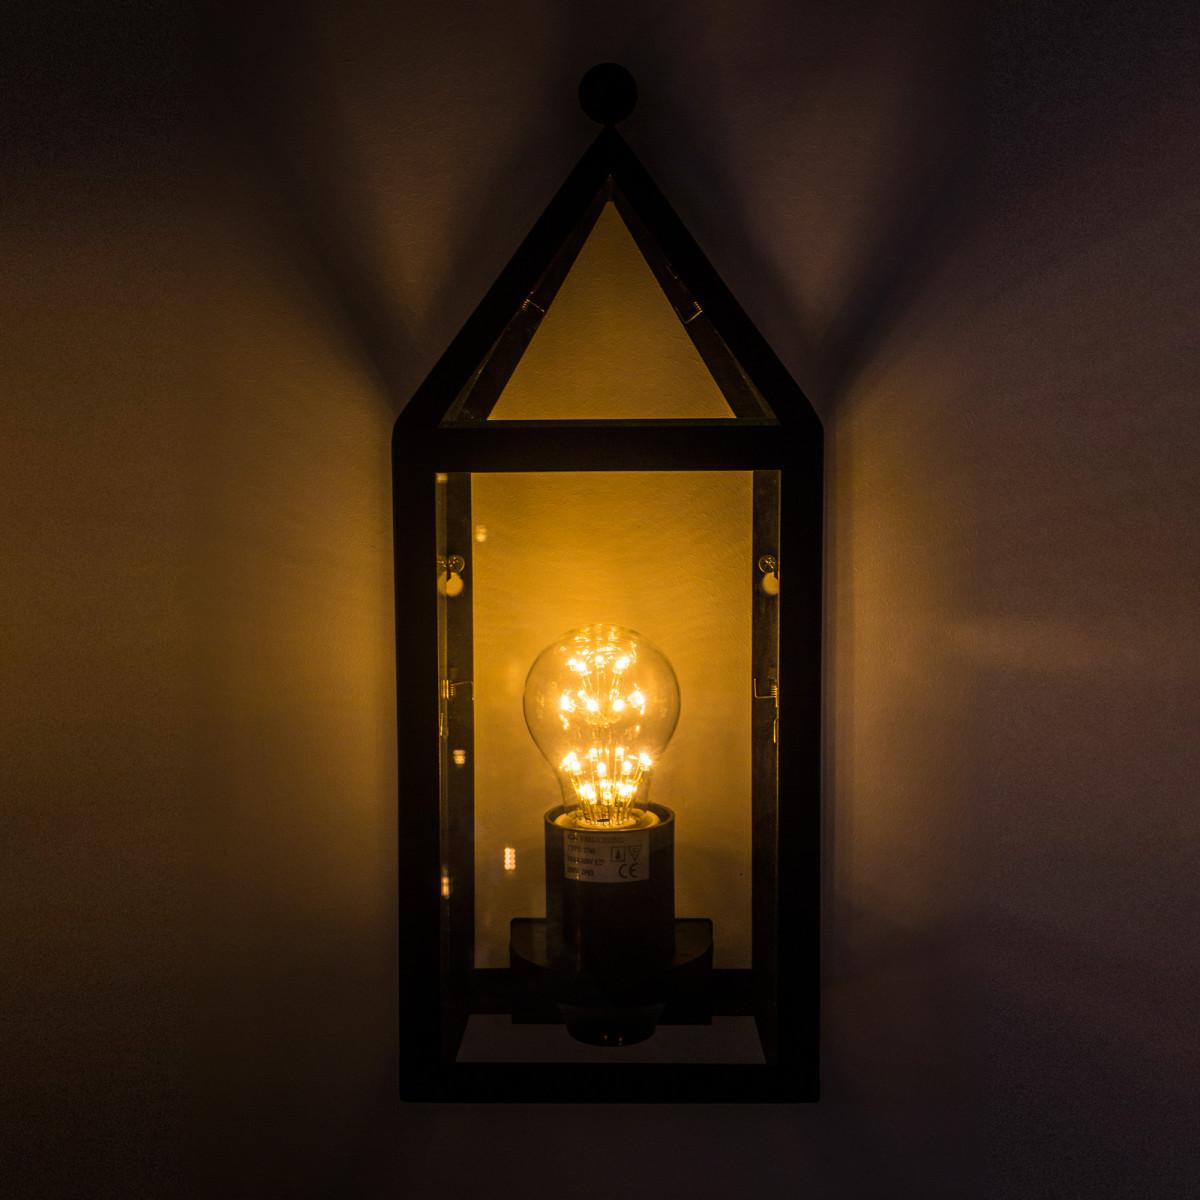 Flache Wandlampe Muiden - Außenbeleuchtung - Außenwandleuchte KS - Nostalux